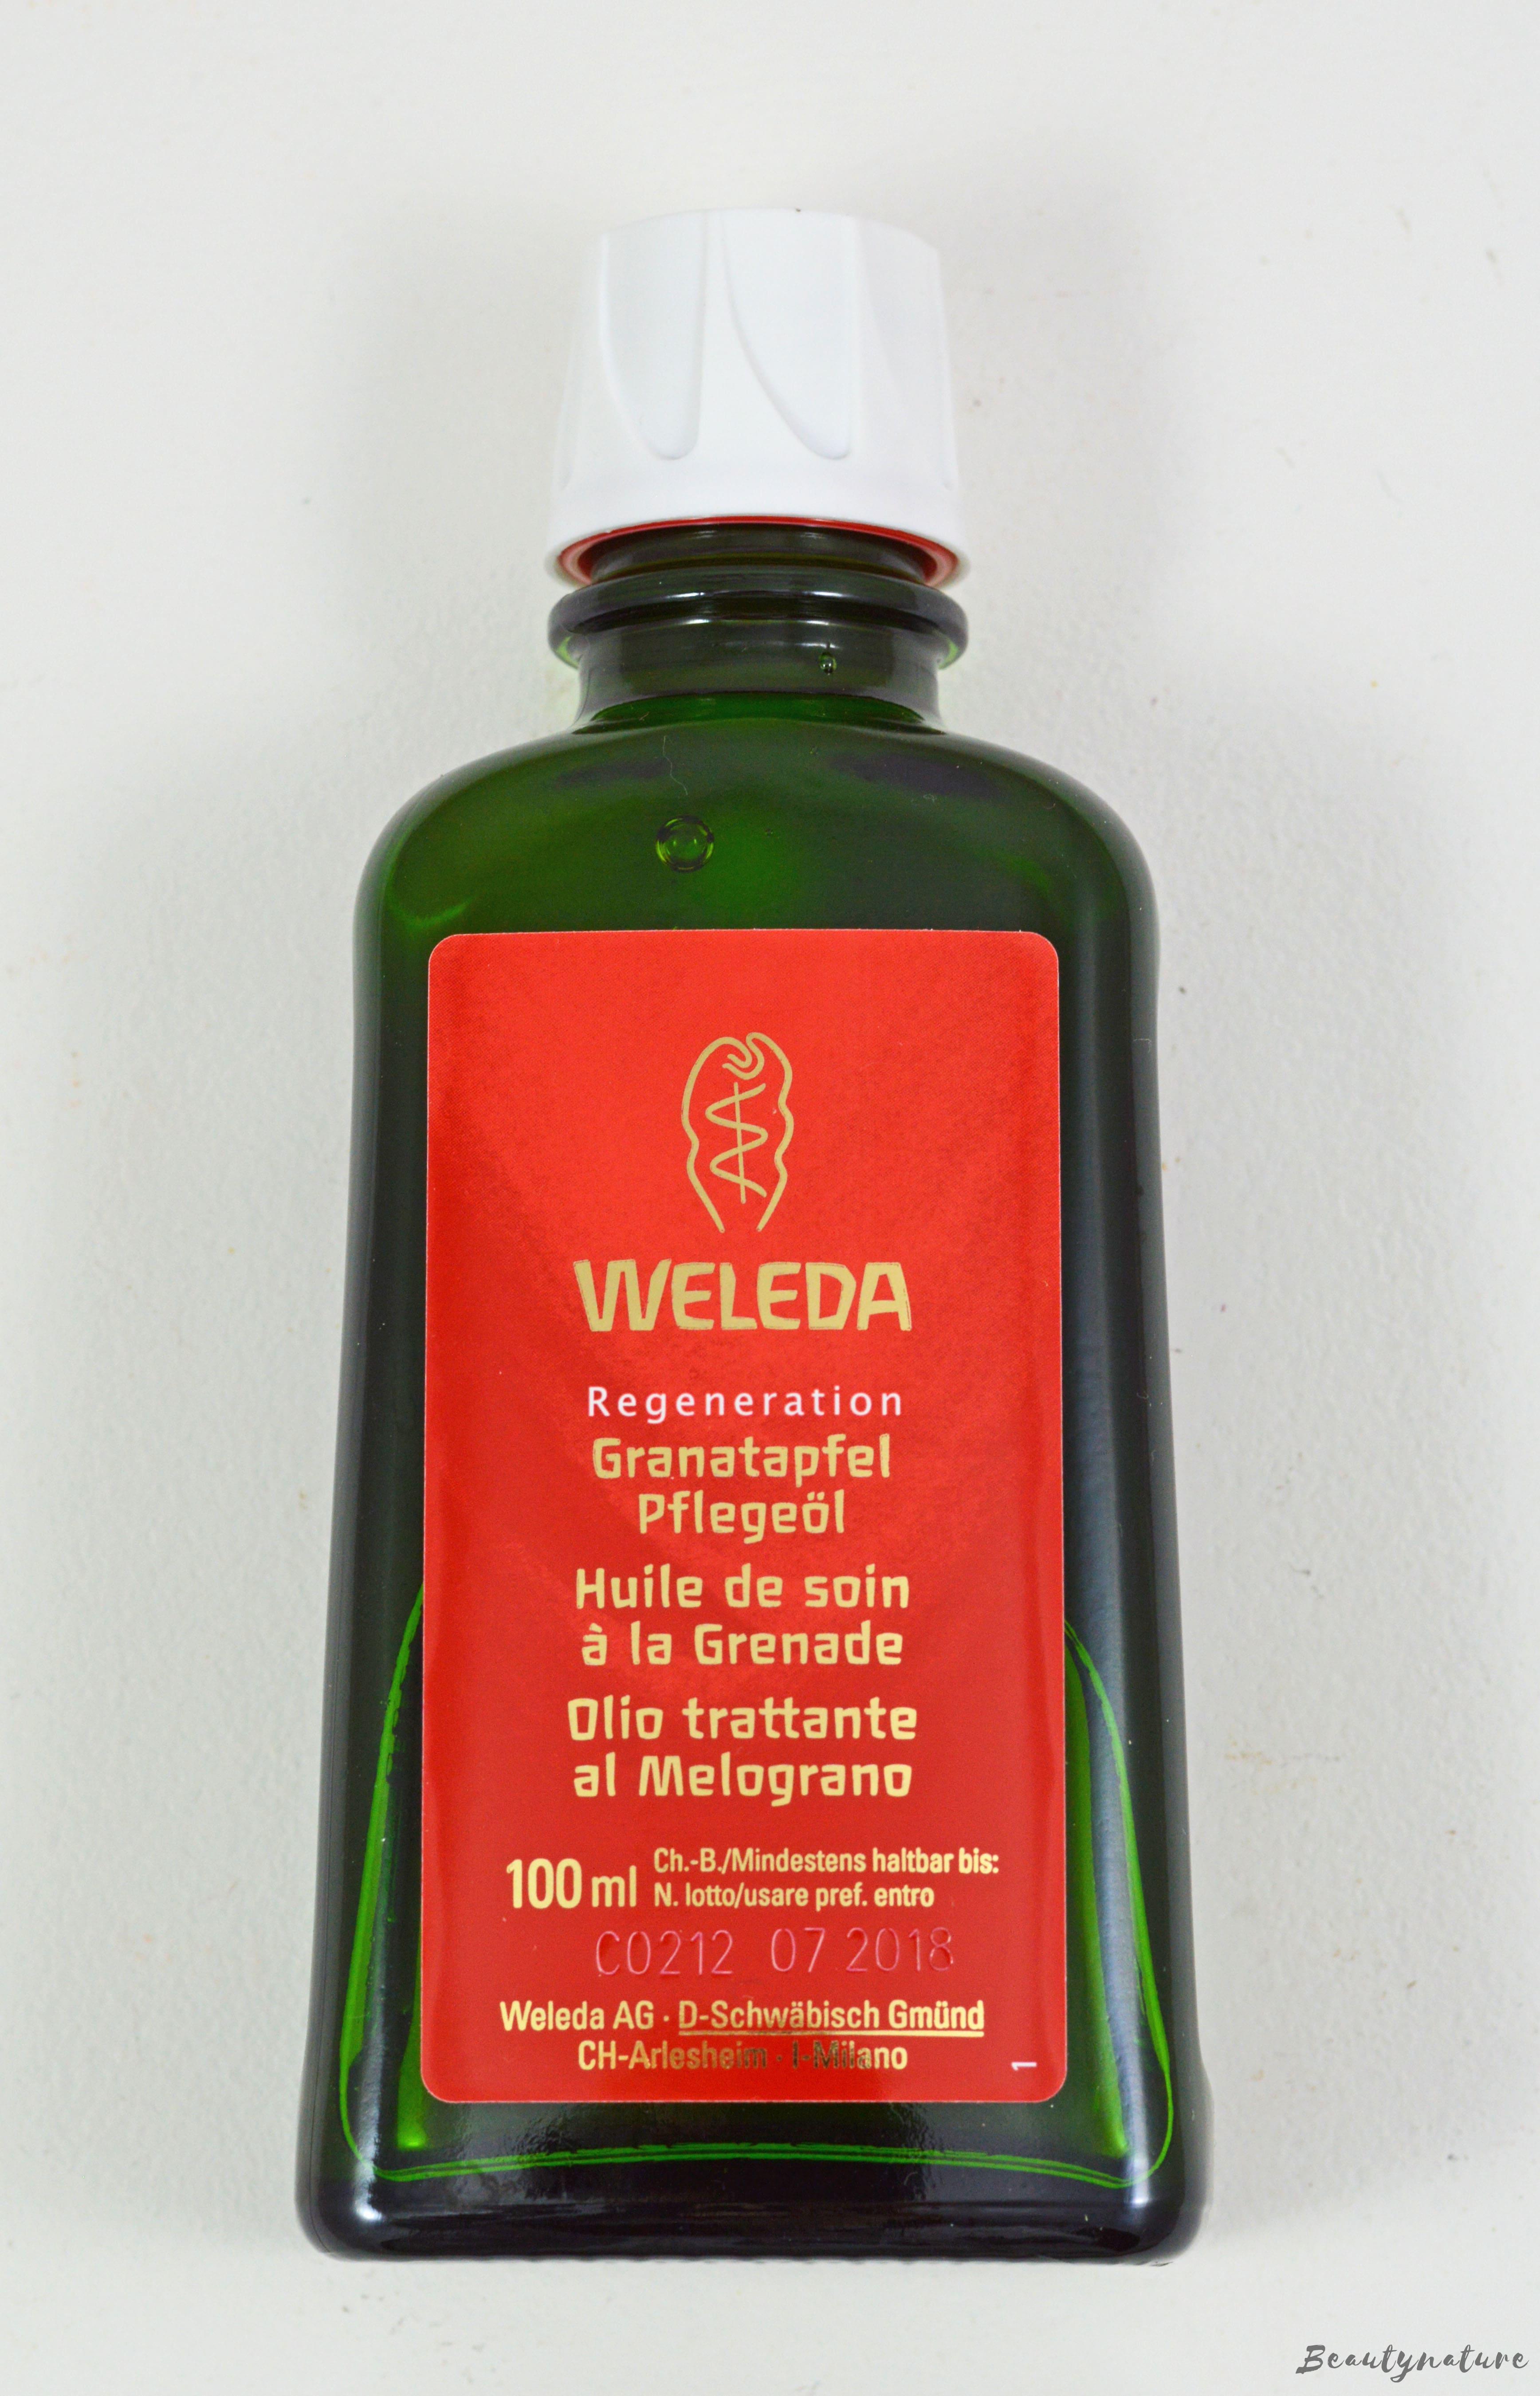 Weleda - Granatapfel Pflegeöl